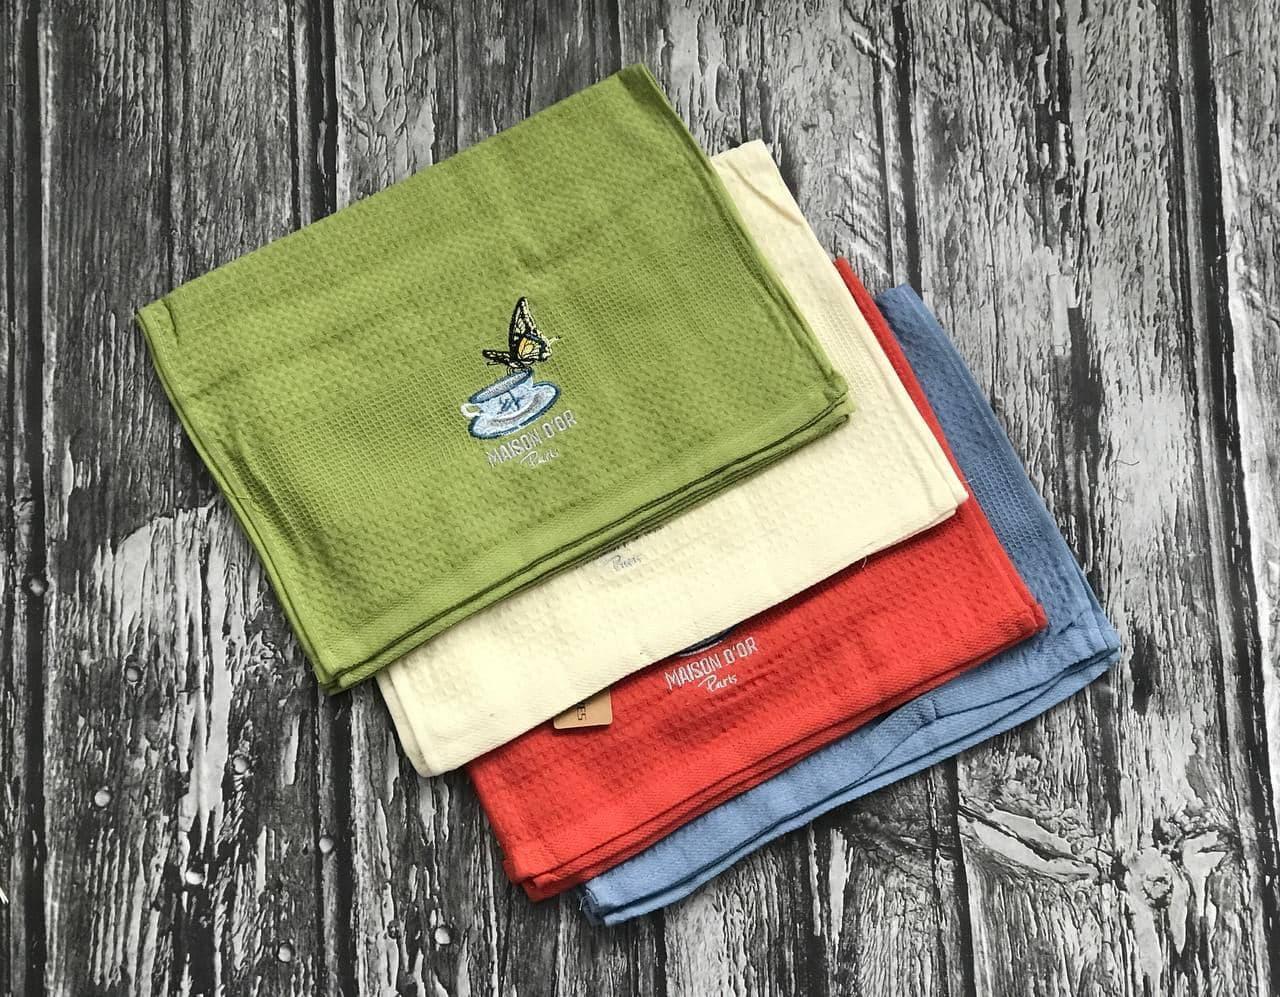 Упаковка кухонних рушників (12 шт), 100% бавовна, метелик